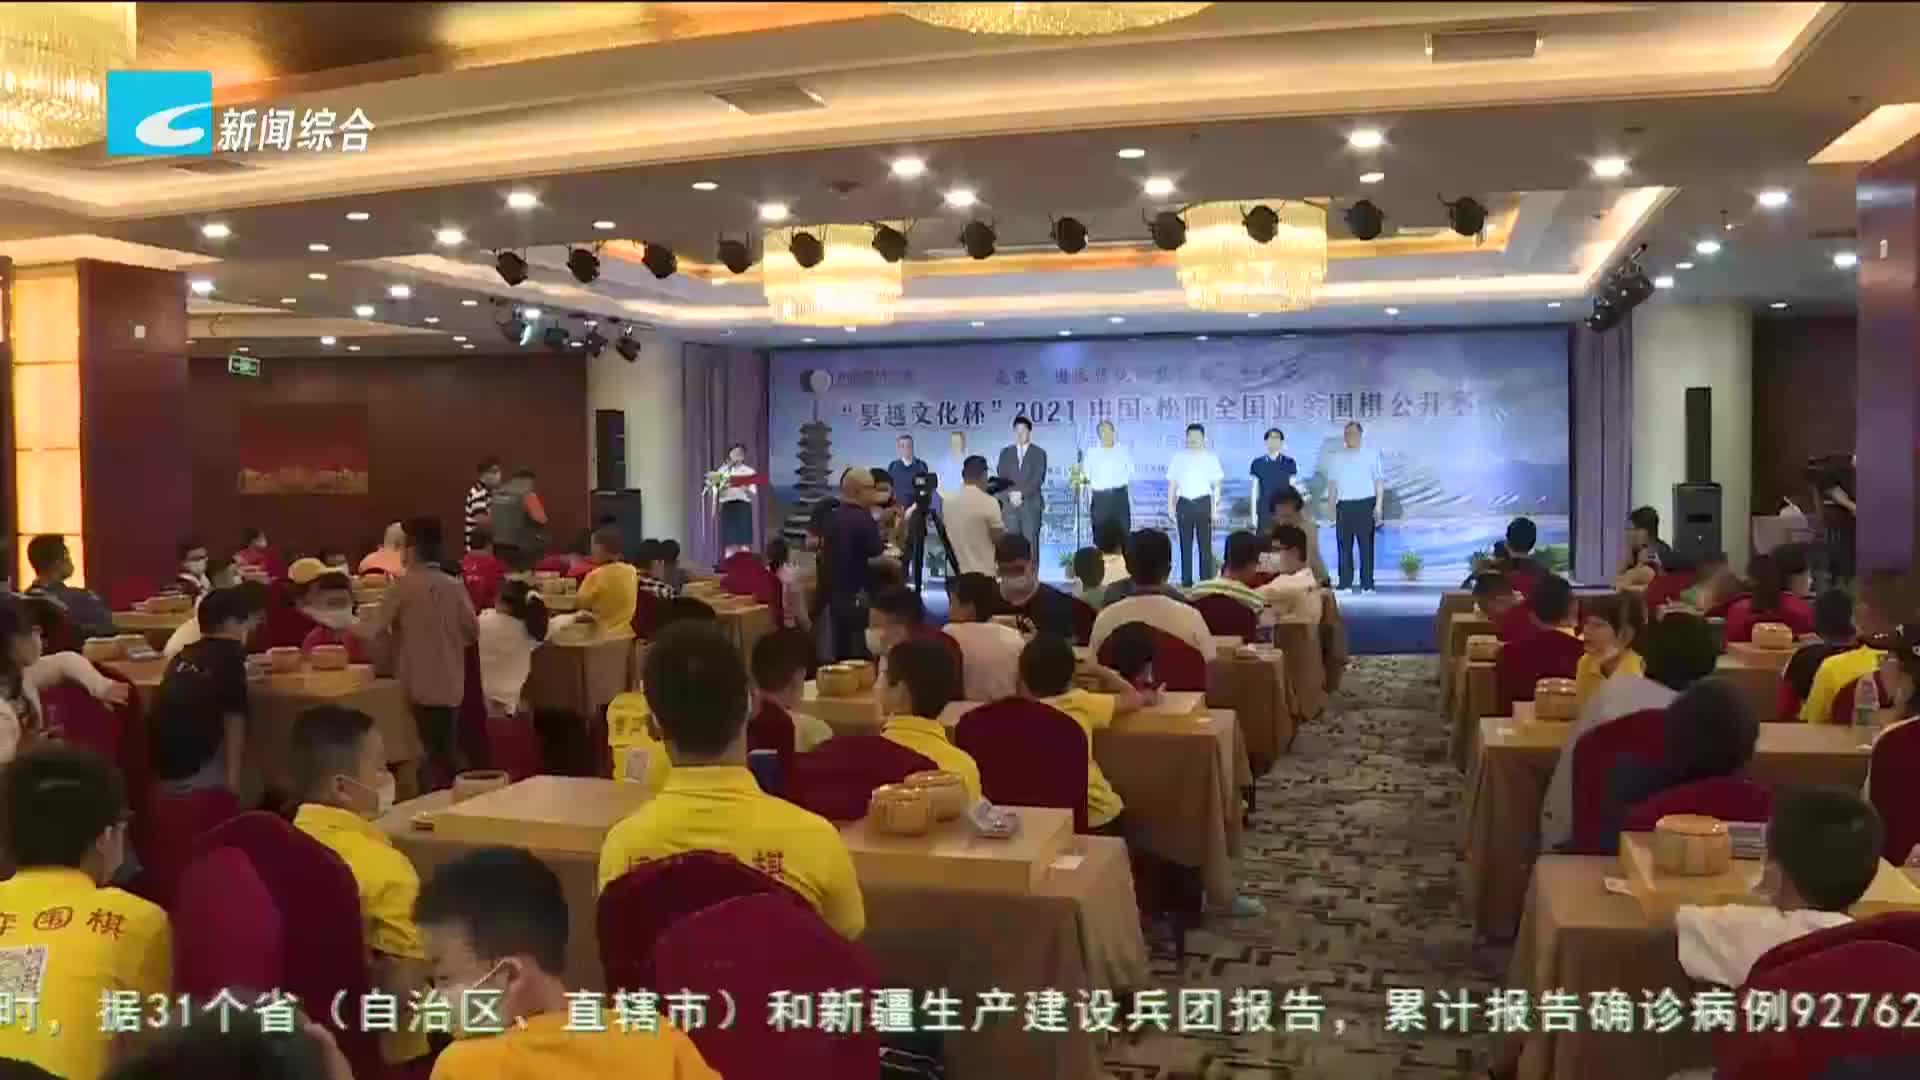 2021年中国·松阳全国业余围棋公开赛今日开赛